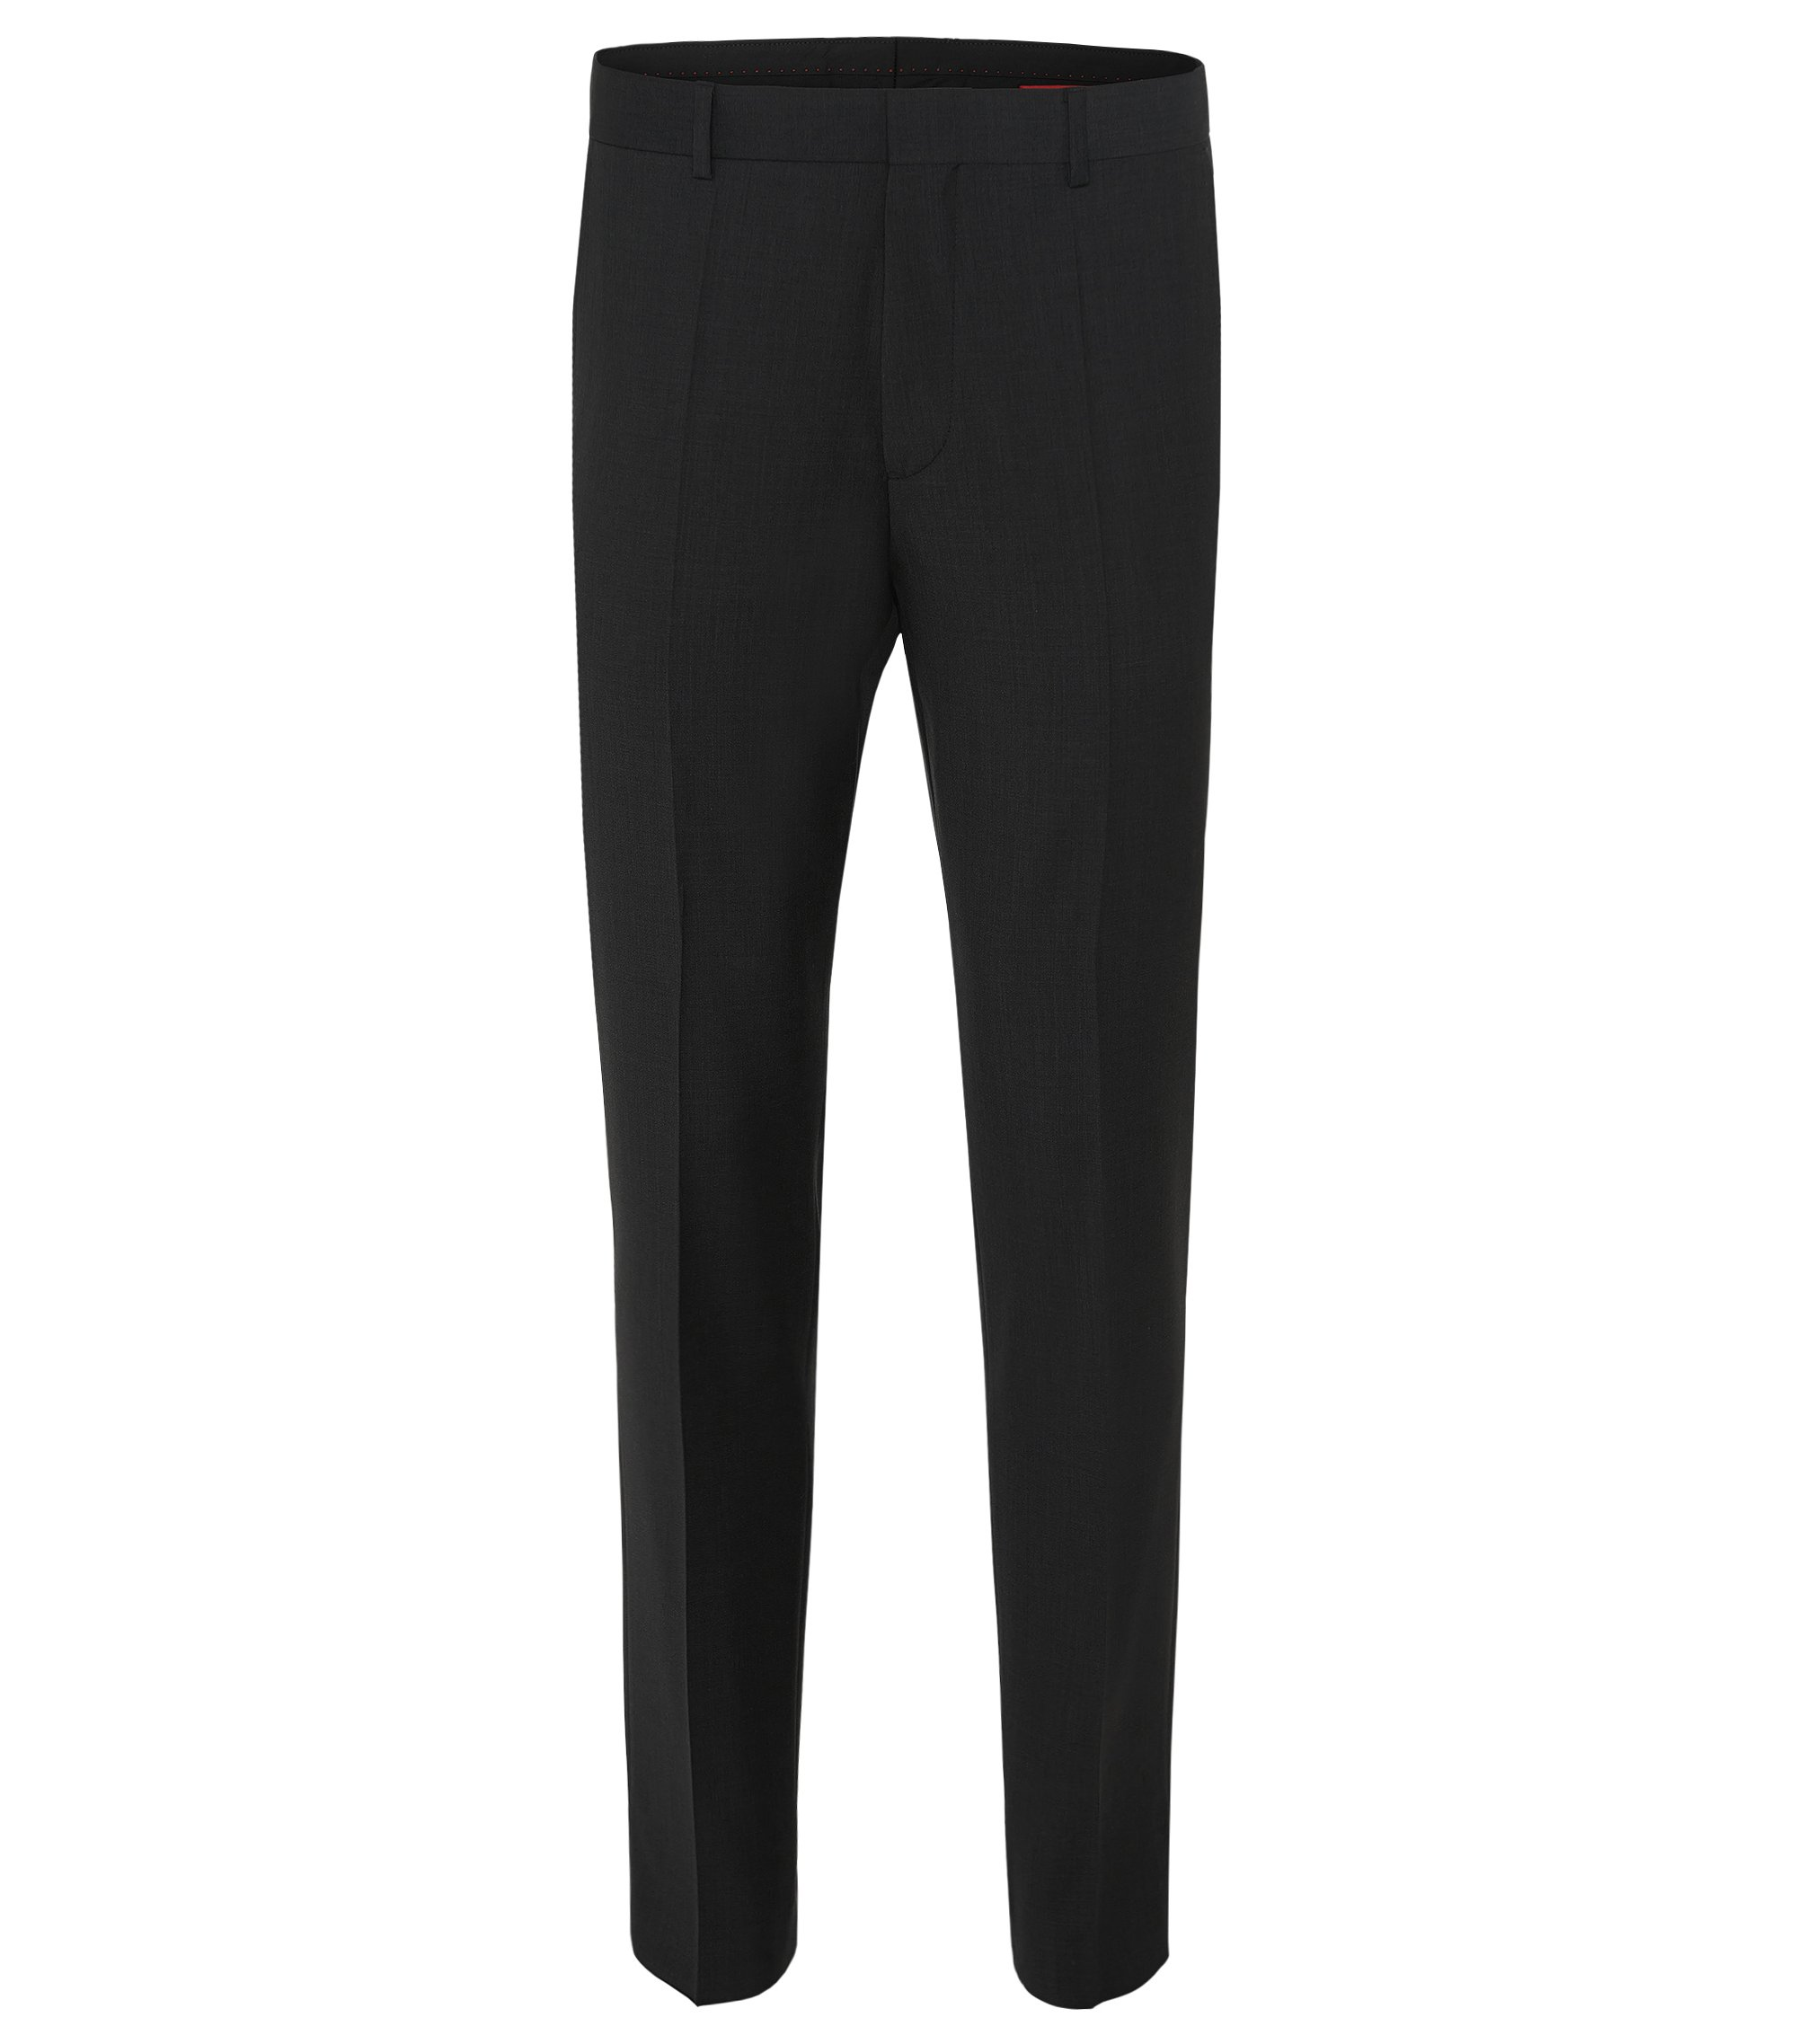 Virgin Wool Dress Pant, Slim Fit | HamenS, Dark Grey